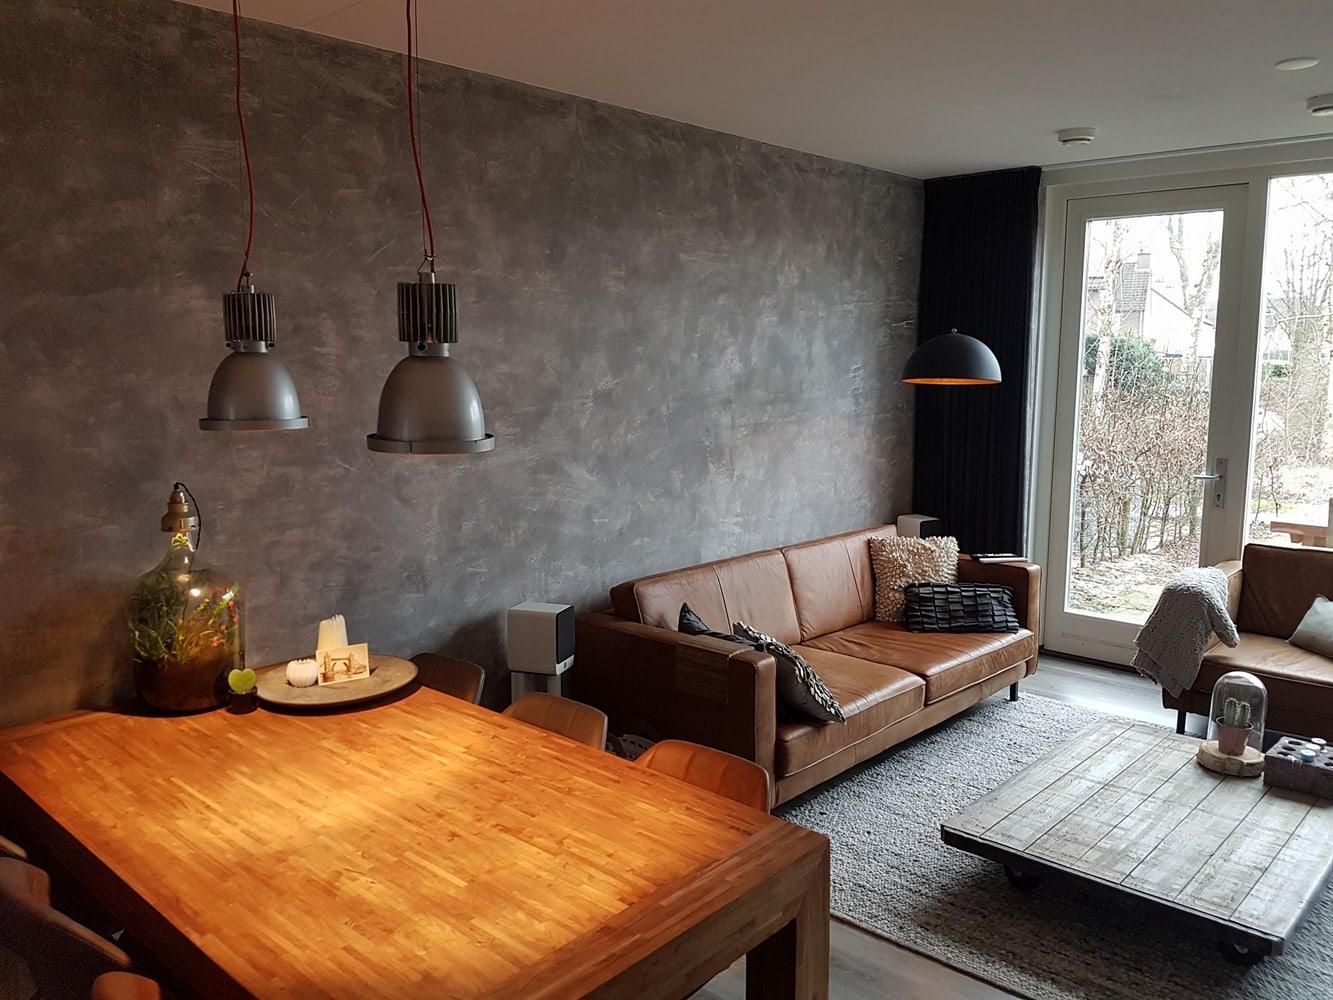 Betonlook badkamer uw wanden en muur van betonlook m v h